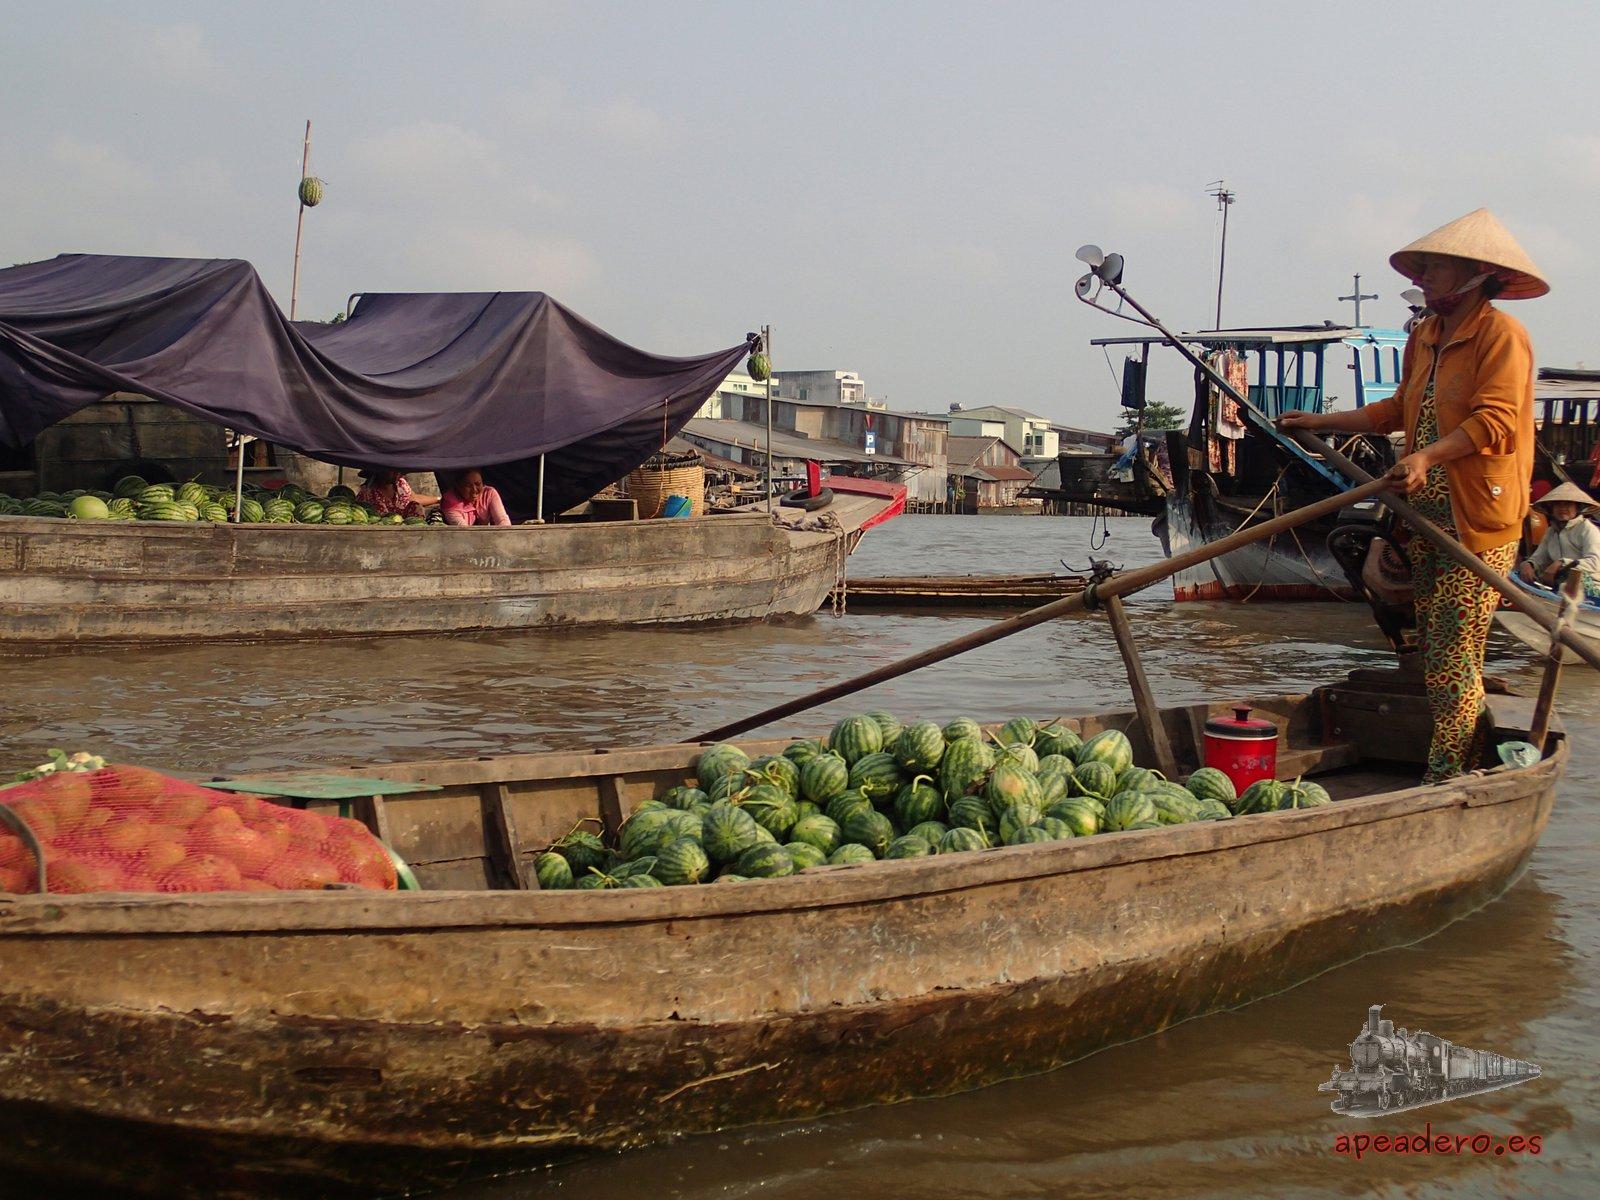 Vendedora de melones en Cai Rang